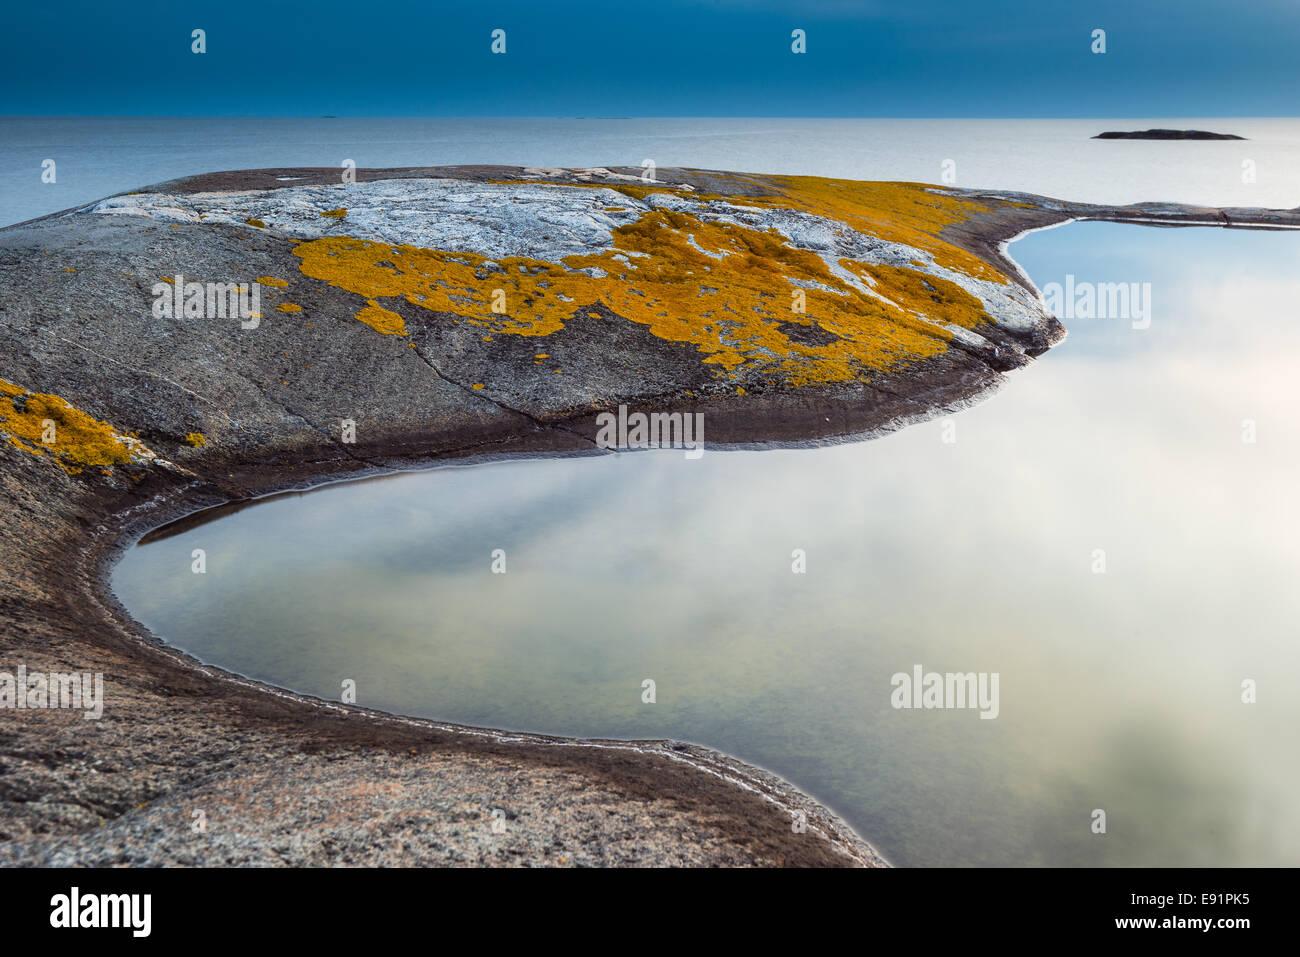 Marea suave piscina bordeada por mossy rock Foto de stock